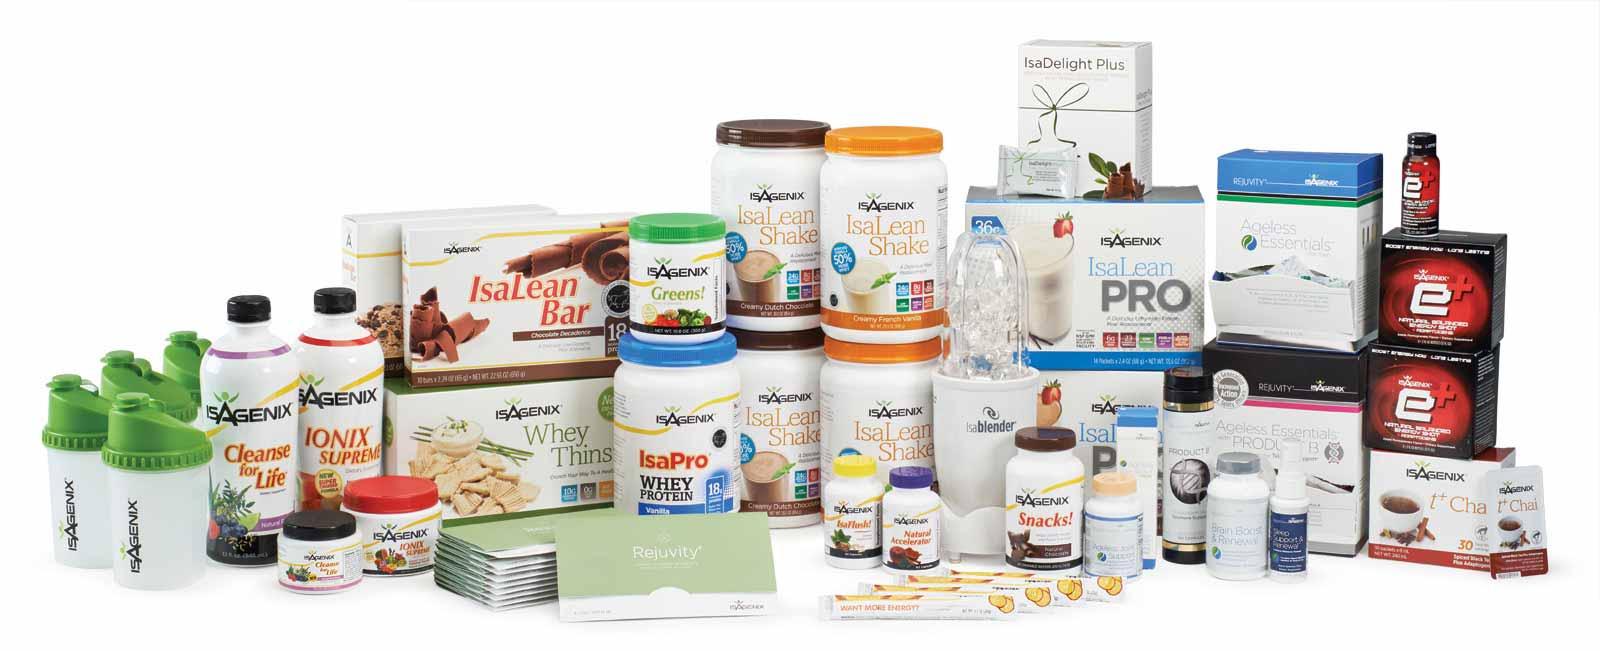 Productos Isagenix